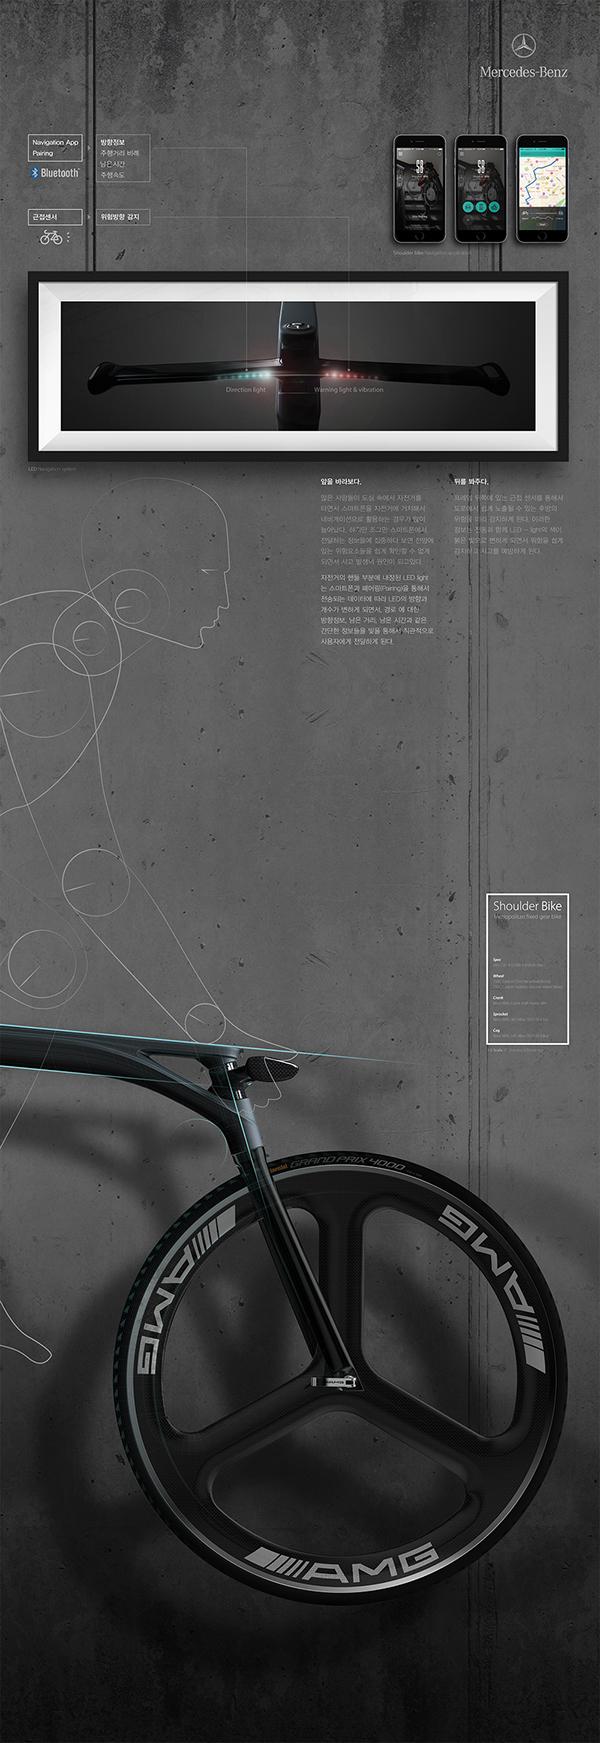 mercedes-benz mercedes Benz Bike Bicycle bike design Bicycle Design transportation Transportation Design Vehicle Vehicle Design